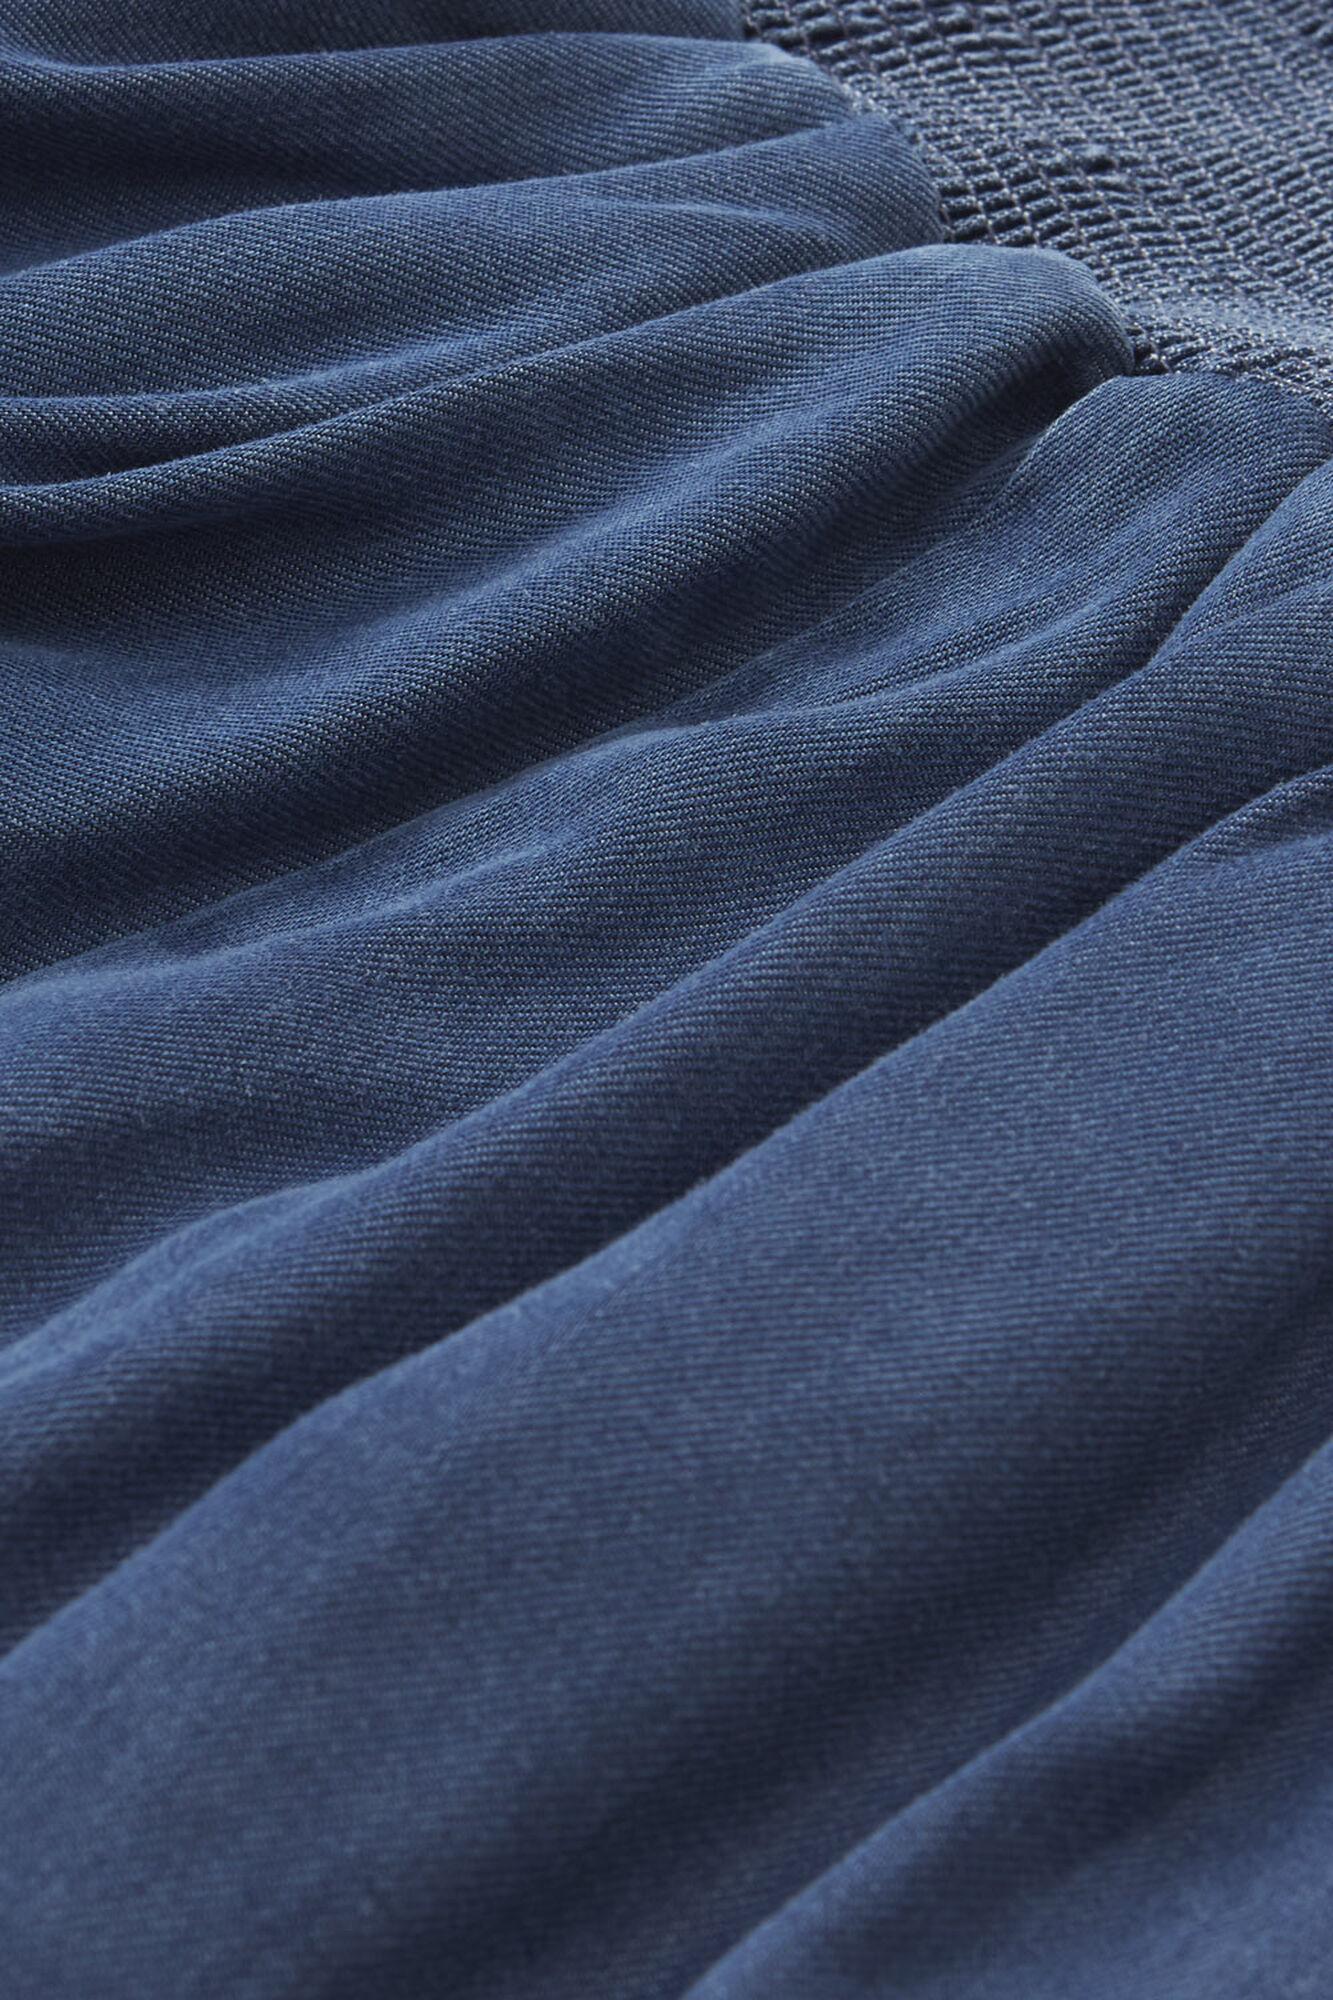 PETRON TROUSERS , Blue Denim, hi-res